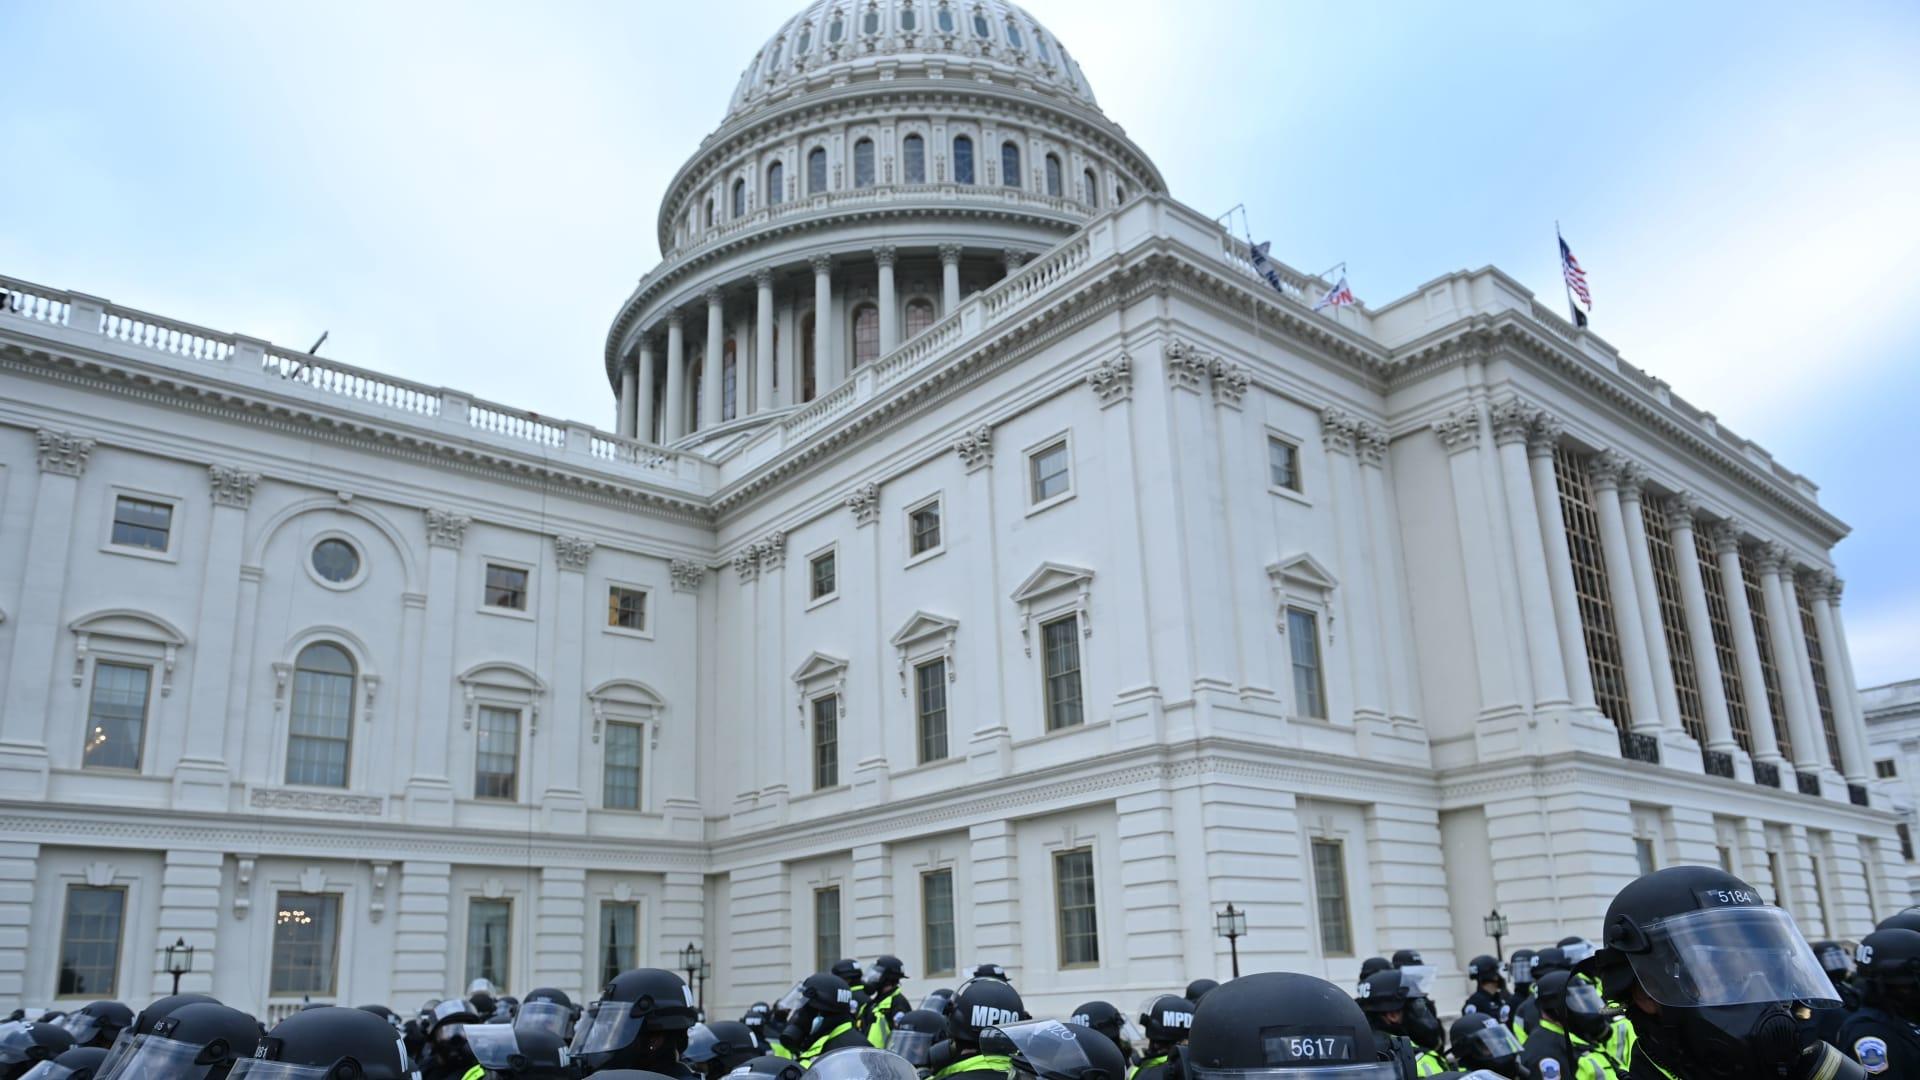 اقتحام الكونغرس: إليك الشخصيات التي اعتقلت للآن.. ومحاولة قتل بيلوسي